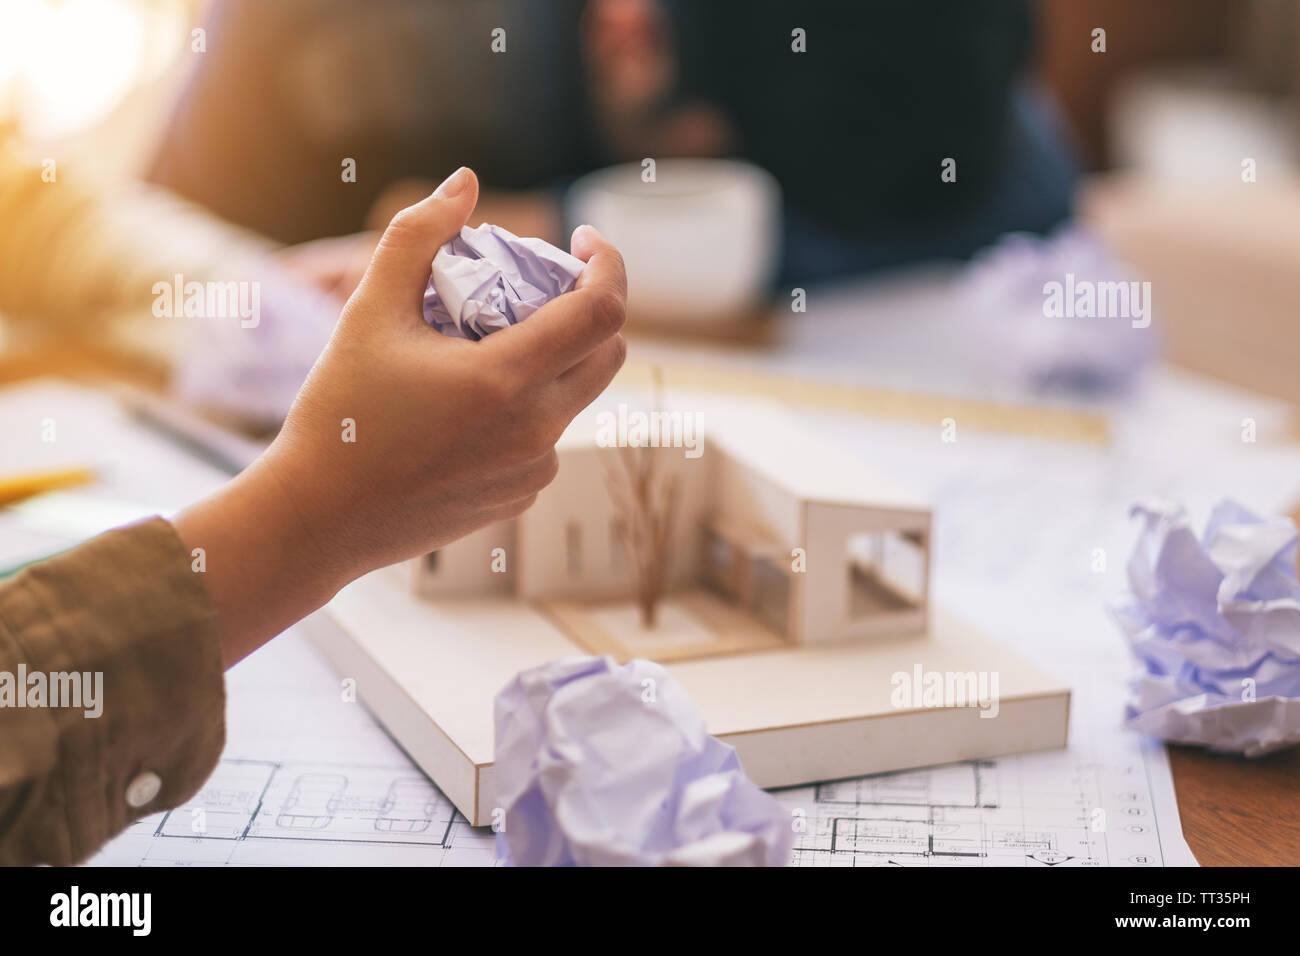 Ein Architekt vermasselt, Papiere, die von Hand, wenn das Gefühl nach Zusammenarbeit auf Architektur Modell mit shop Zeichenpapier im Amt betonte Stockbild